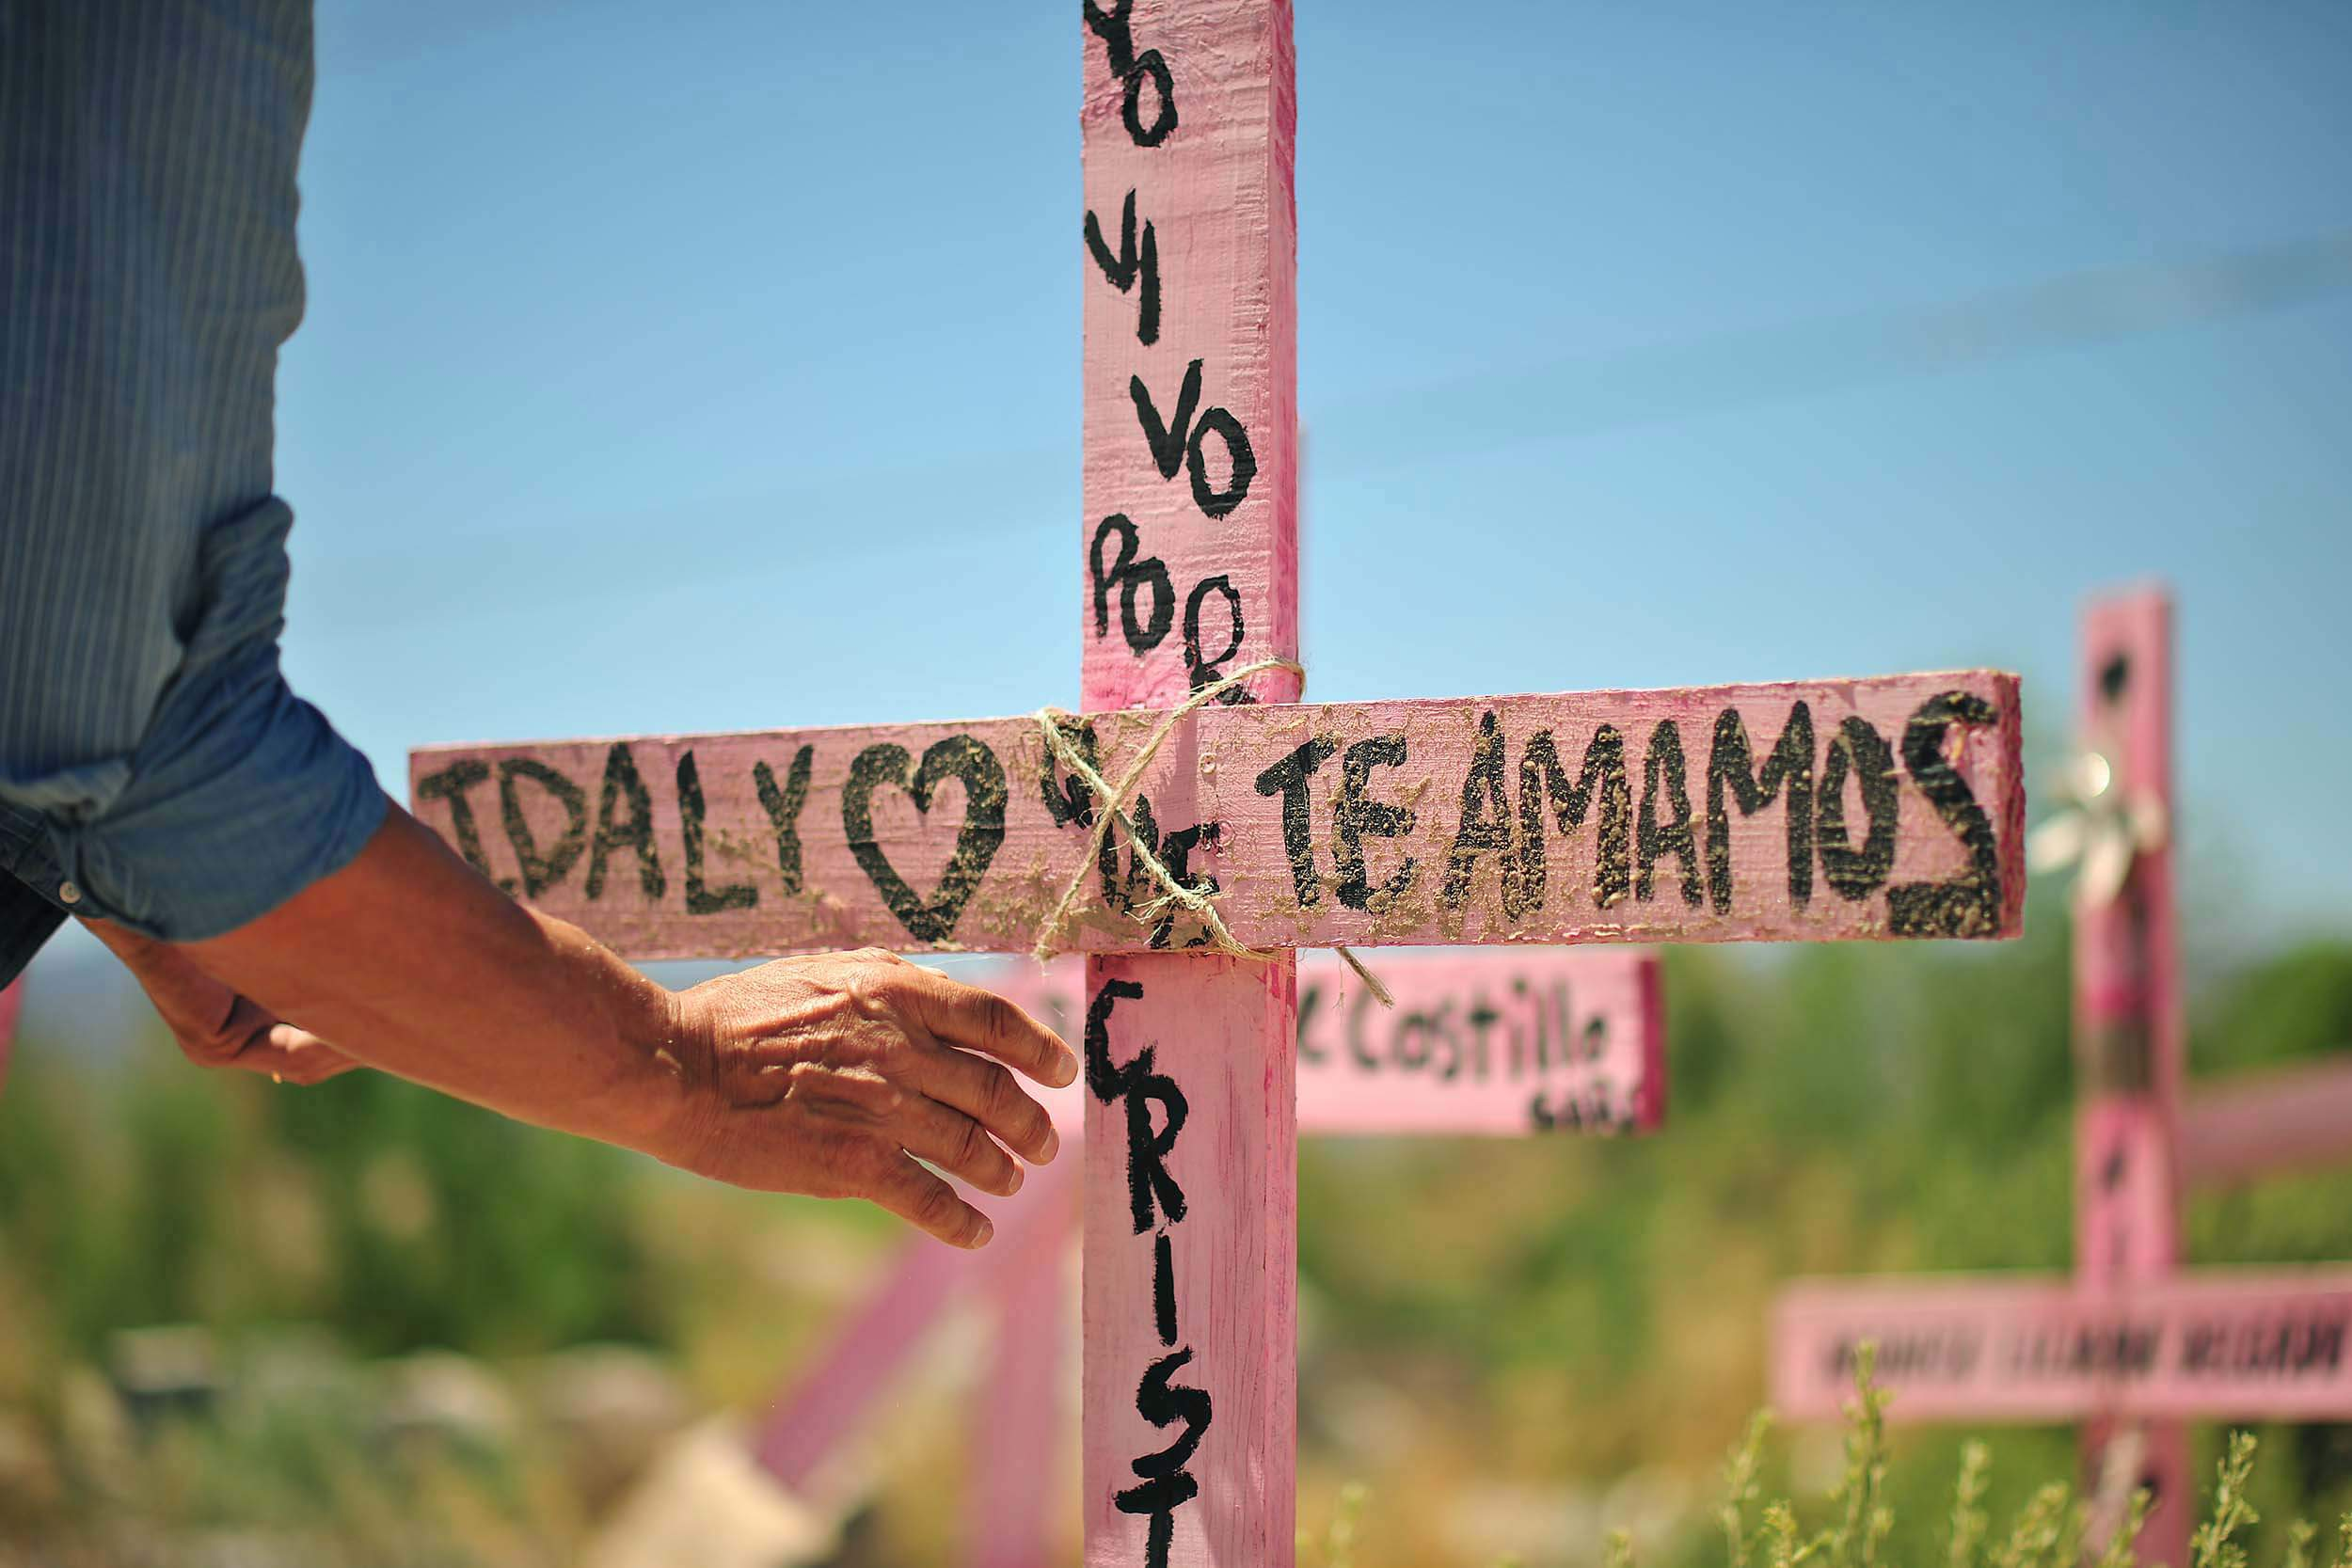 La cruz rosa, un símbolo utilizado por familiares de las víctimas de feminicidio en México, desde el surgimiento de las primeras protestas en Ciudad Juárez, Chihuahua, en la década de los noventa, ante la negligencia, omisiones e impunidad de los casos de violencia contra las mujeres. Foto: Rey R. Jáuregui